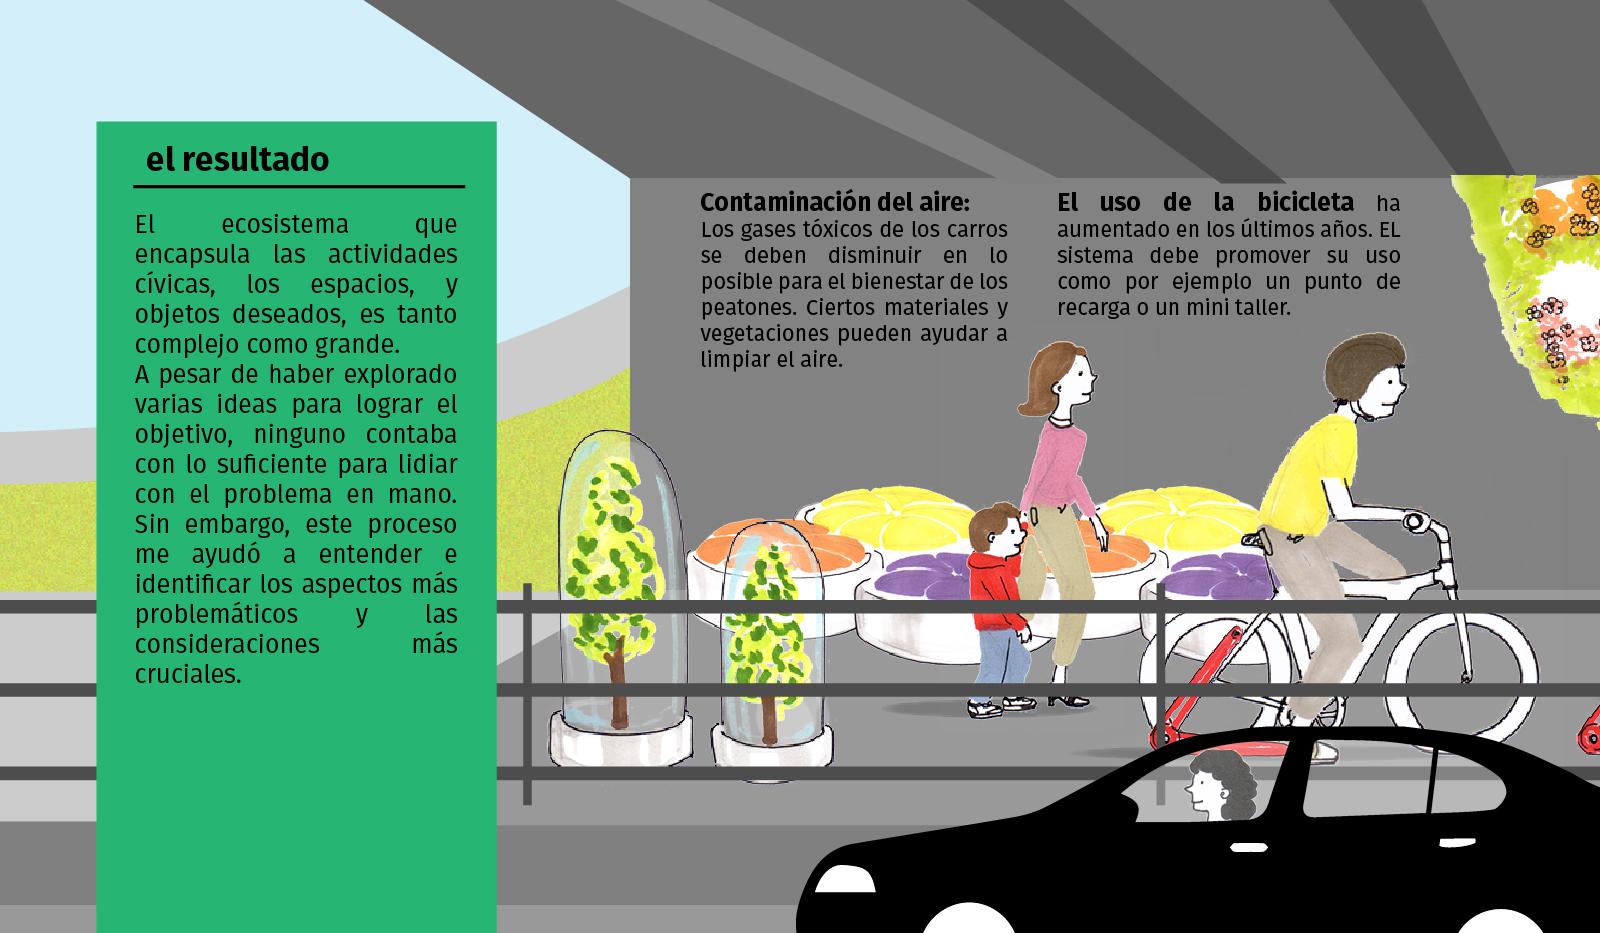 contenido_-_mobo_-_español-11